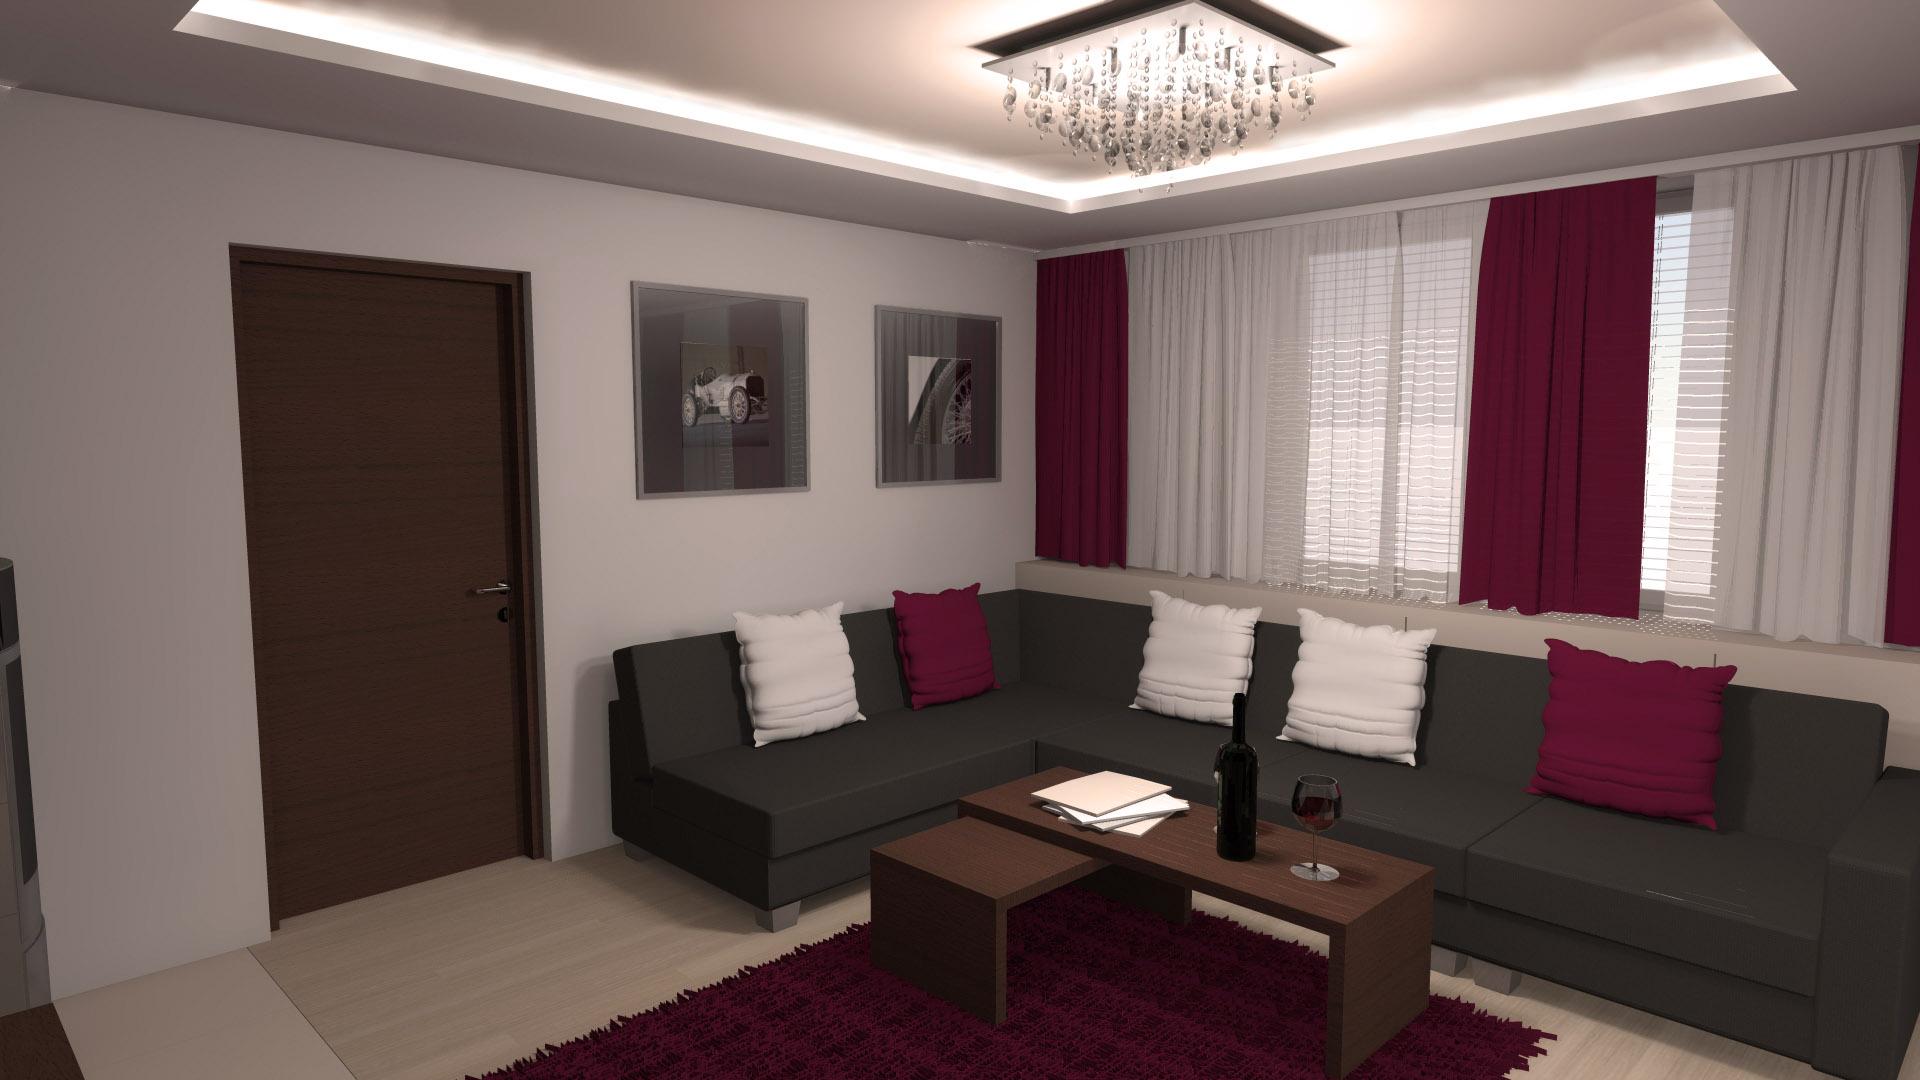 Moderní kuchyň a obývák v rodinném domě